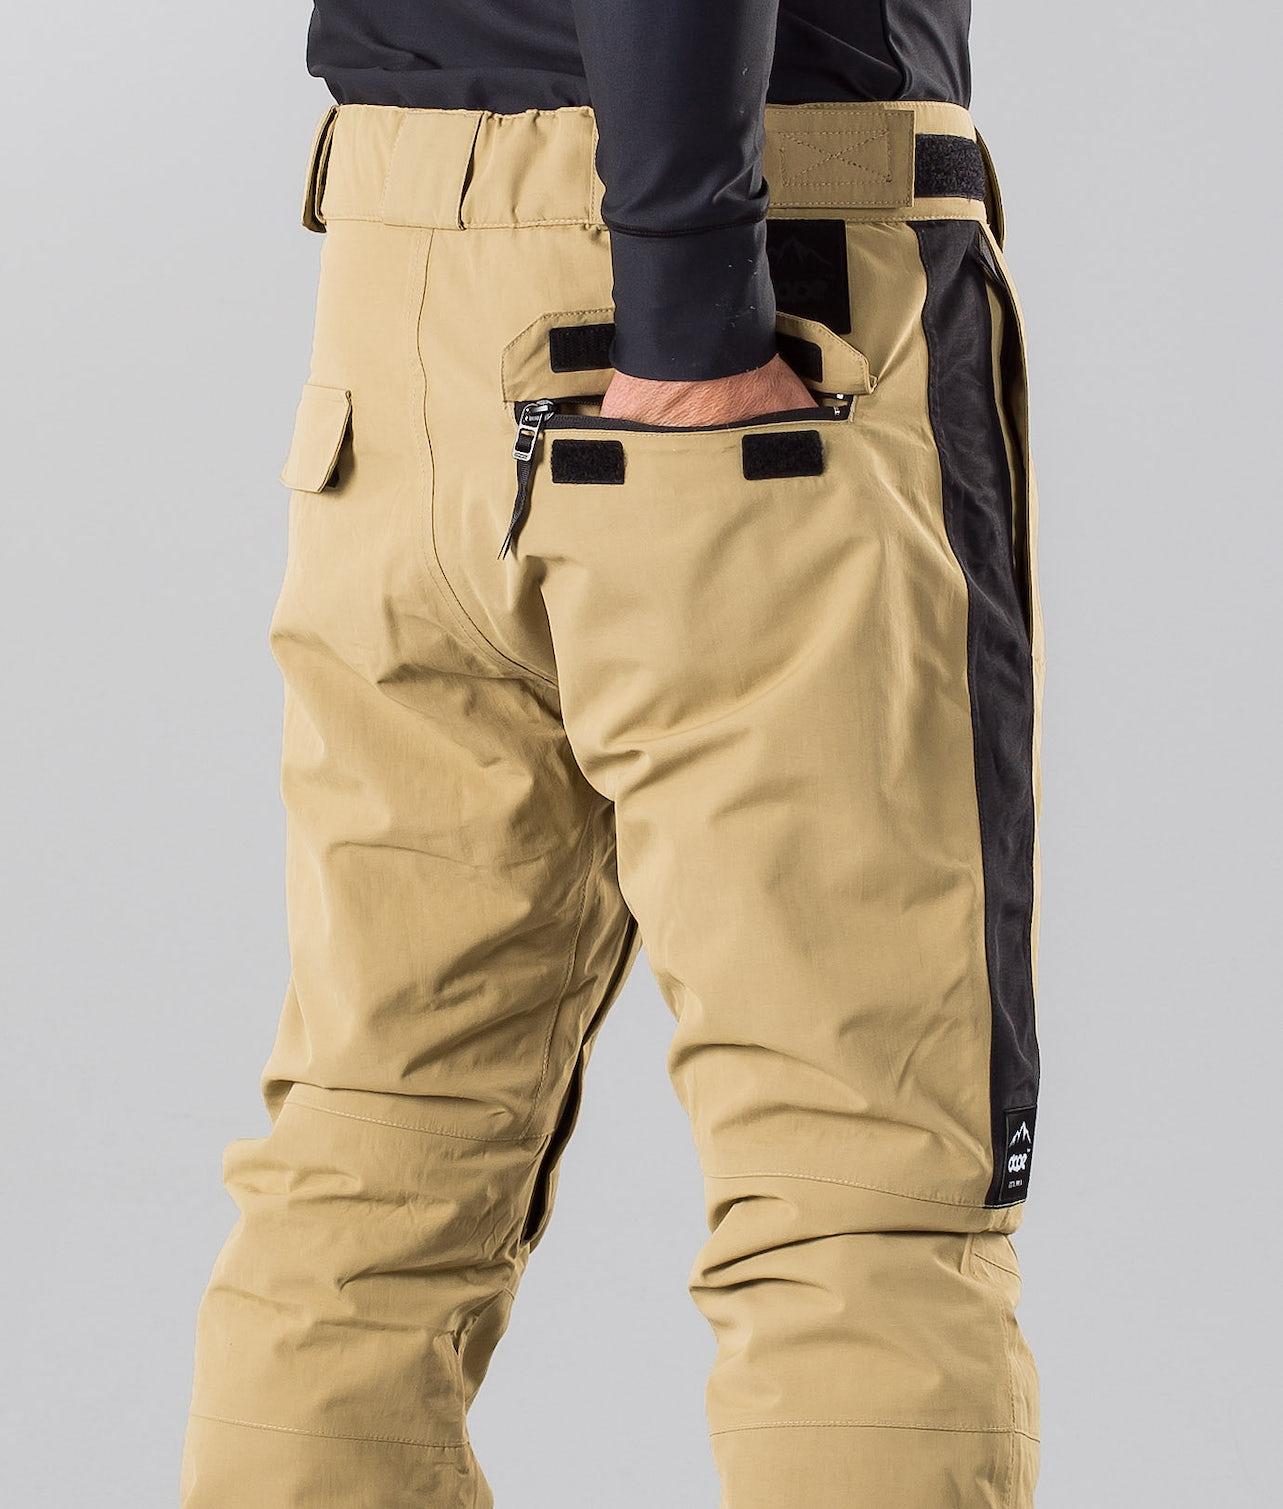 Hoax II | Achète des Pantalon de Snowboard de chez Dope sur Ridestore.fr | Bien-sûr, les frais de ports sont offerts et les retours gratuits pendant 30 jours !